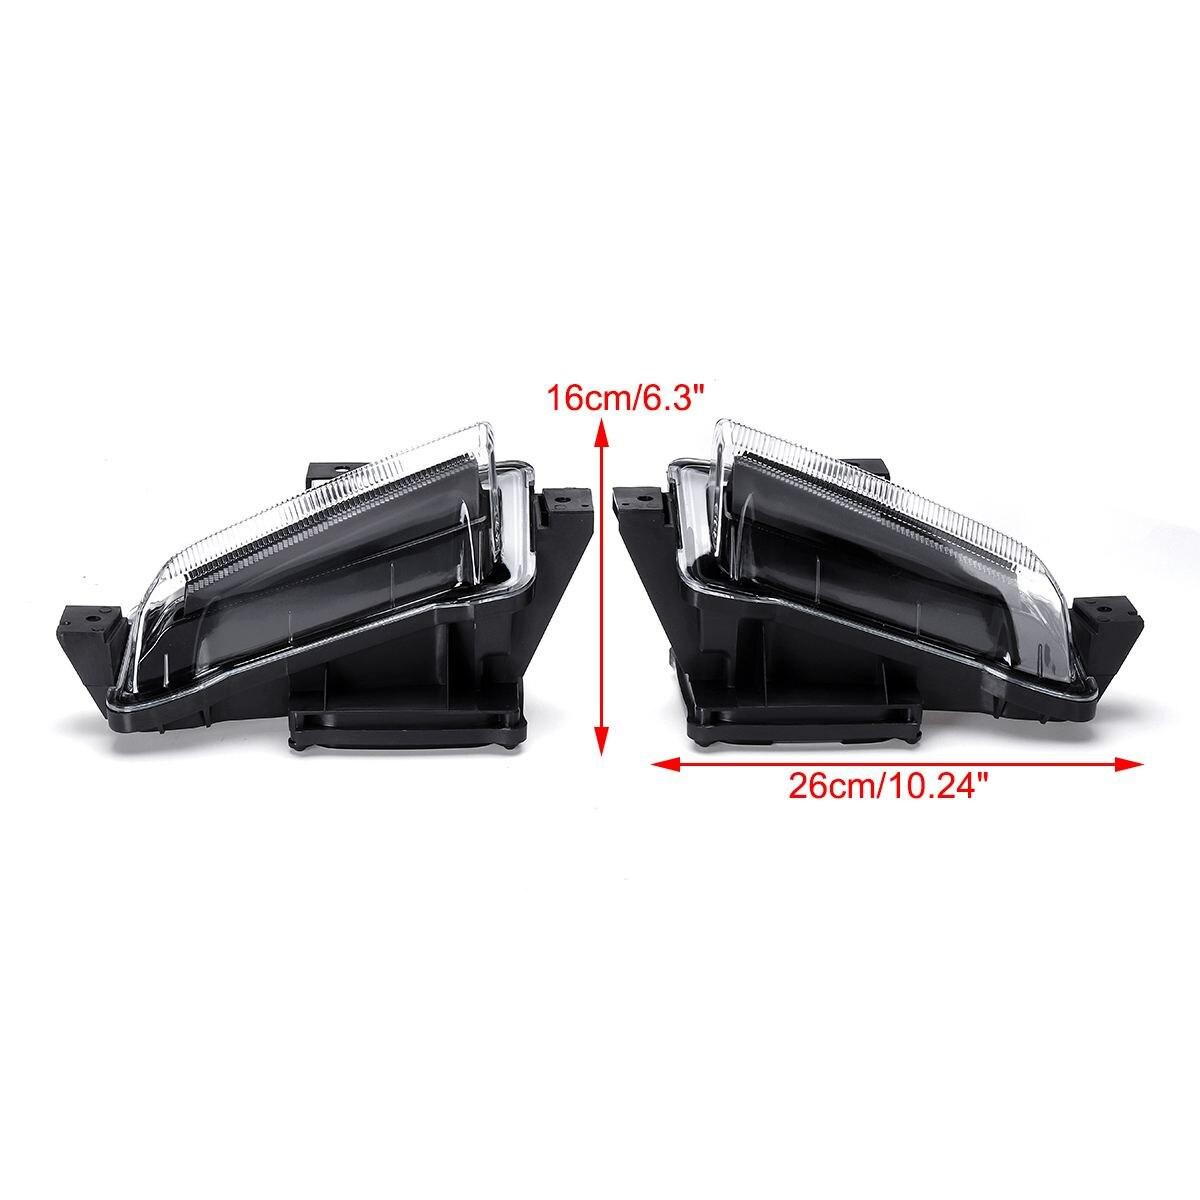 Di giorno Corsa e Jogging Luci, 5 luce Bianco/Ambra LED Daytime Corsa e Jogging Luce DRL Segnale di Girata Dual Modello DRL per Ford F150 Raptor 2016 2 - 5